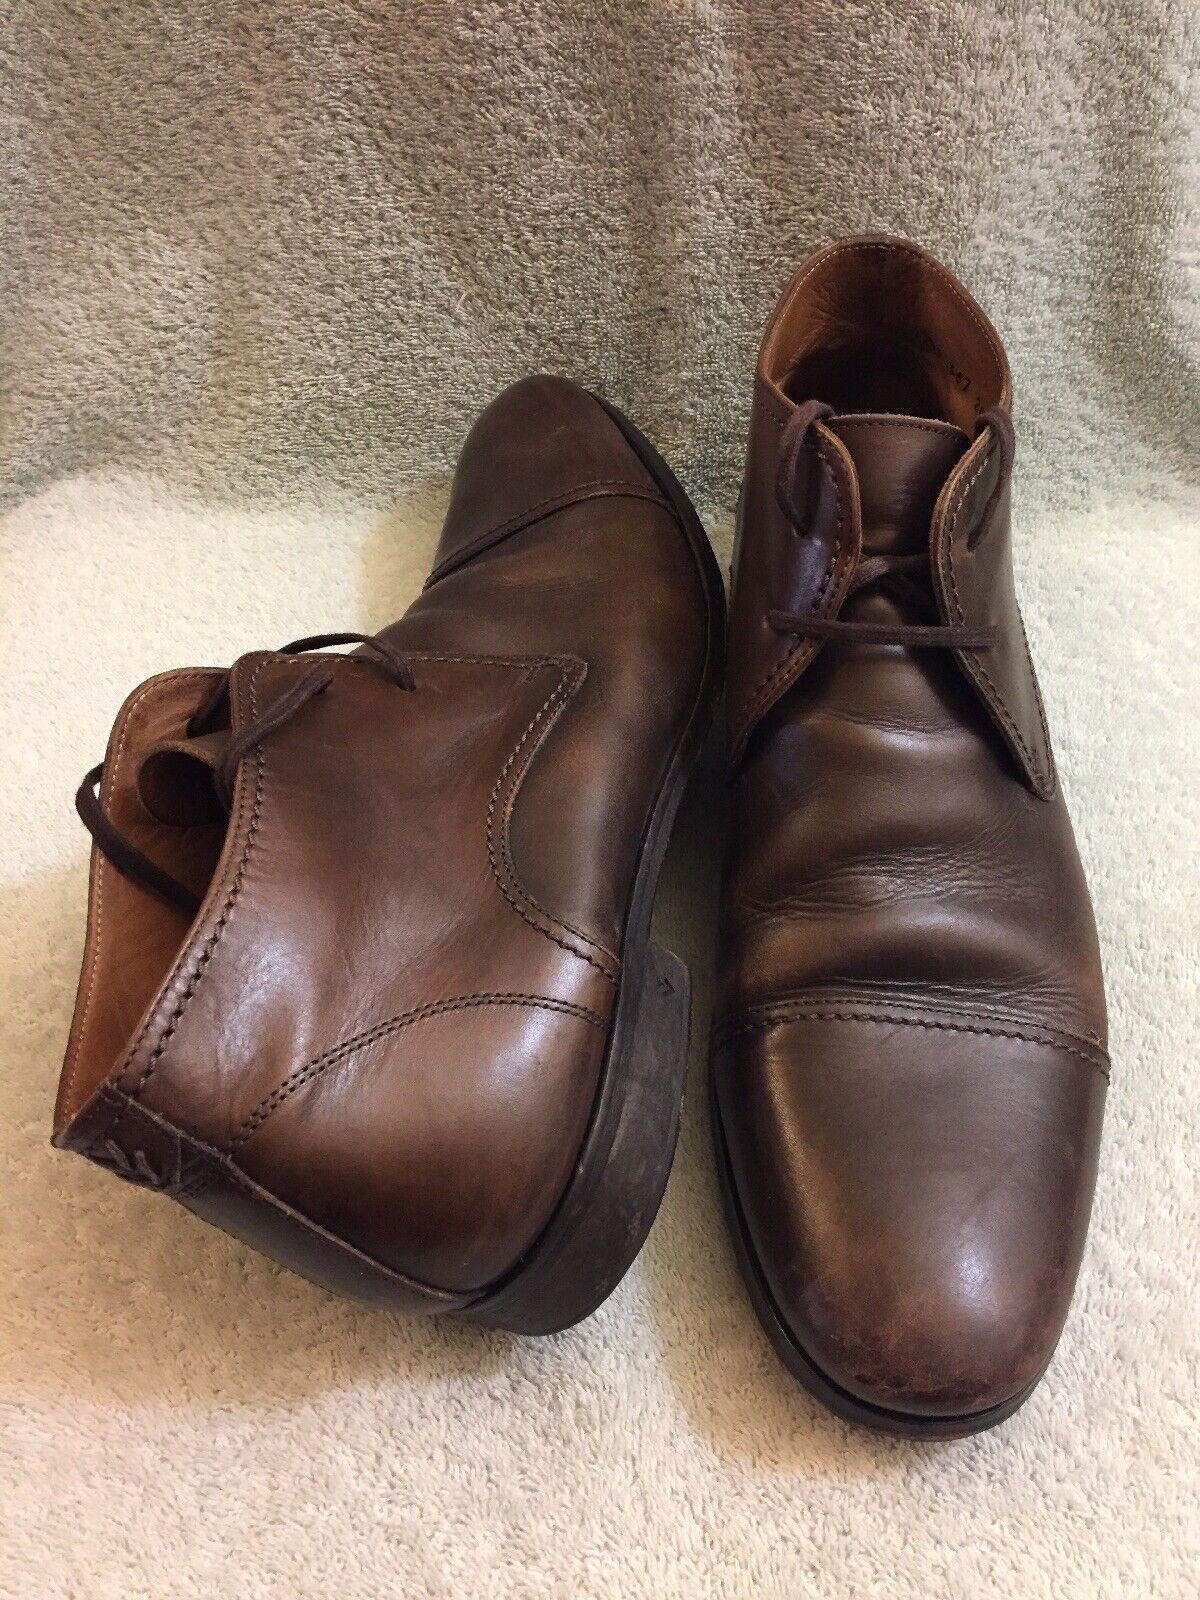 John Varvatos Cuero Con Cordones botas captoe hecho a mano en Italia Marrón